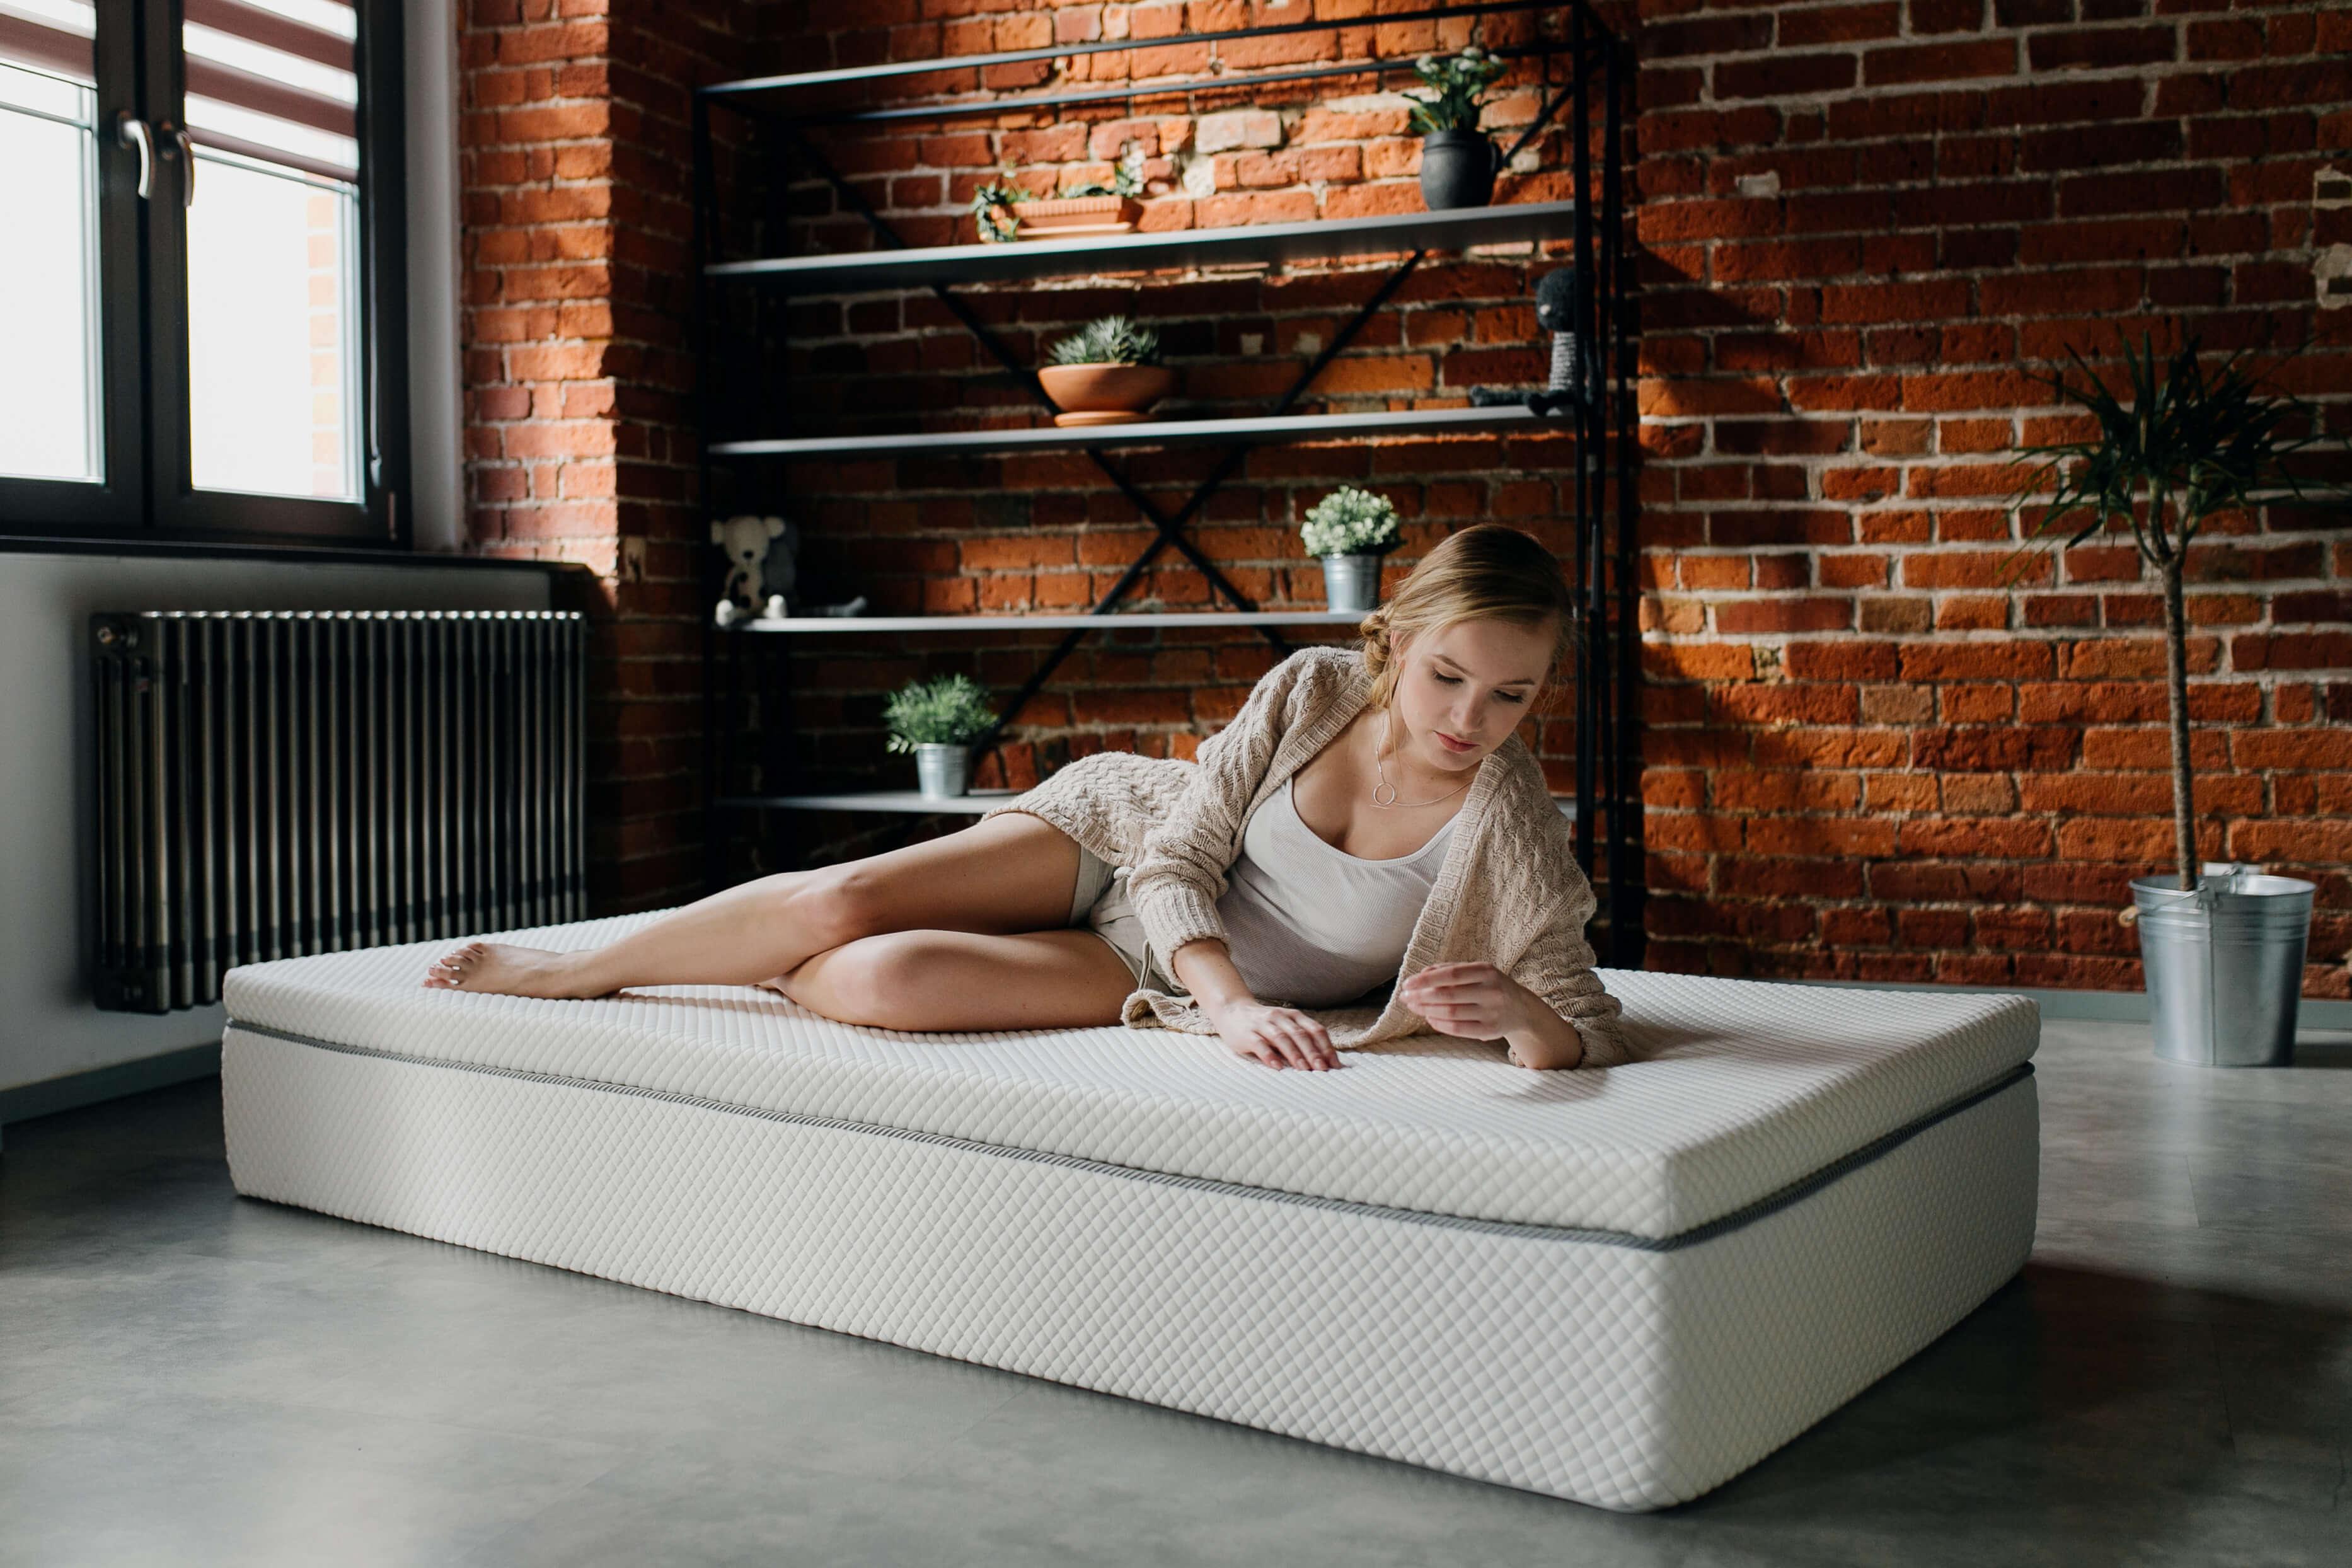 łóżko Z Samego Materaca Czy Można Kłaść Materac Na Podłodze